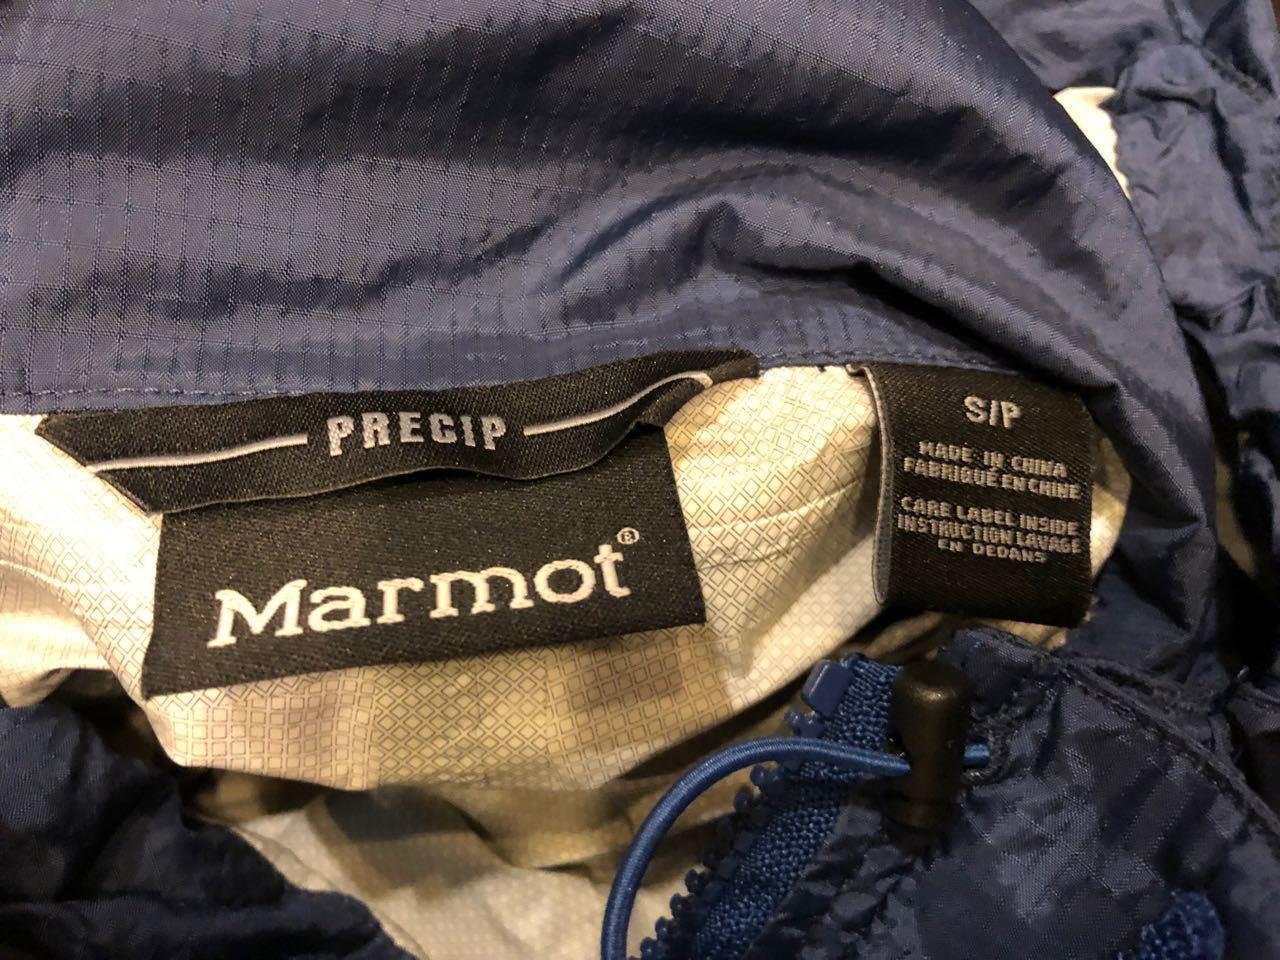 12/29(土)入荷! MARMOT マーモット PRECIP プレシップ 防水ジャケット! _c0144020_18515937.jpg